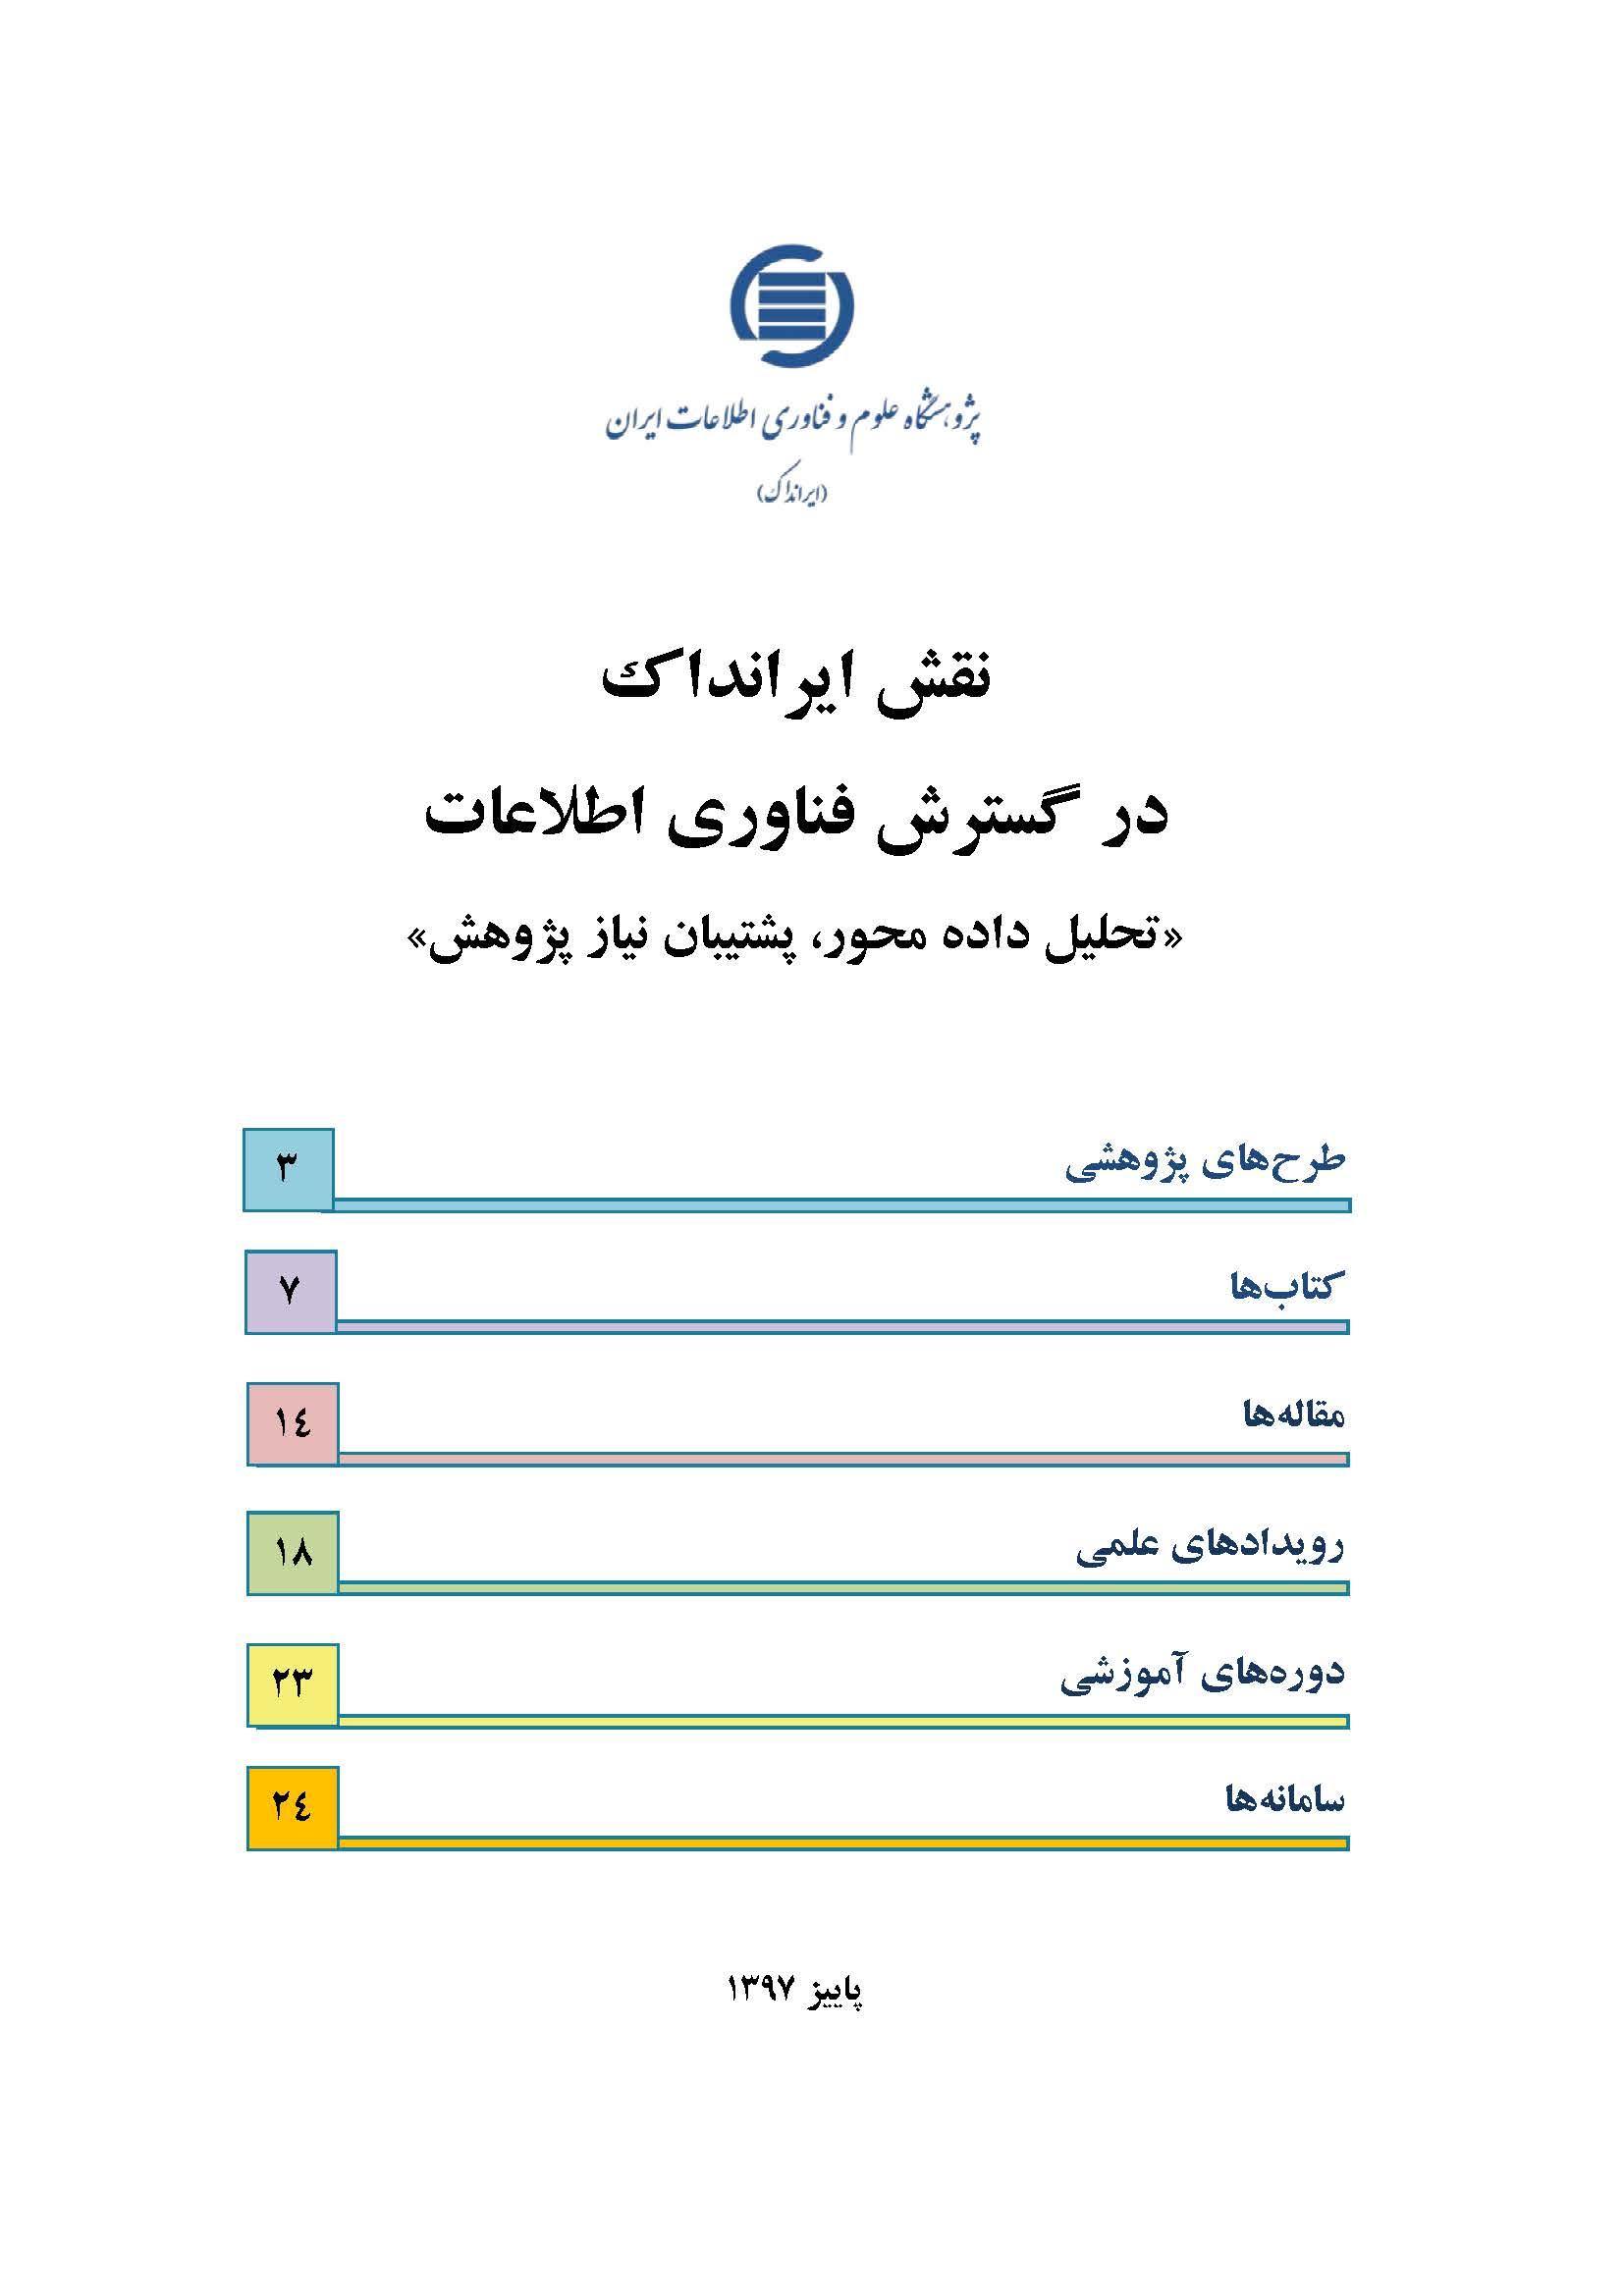 نقش ایرانداک در گسترش فناوری اطلاعات «تحلیل داده محور، پشتیبان نیاز پژوهش»